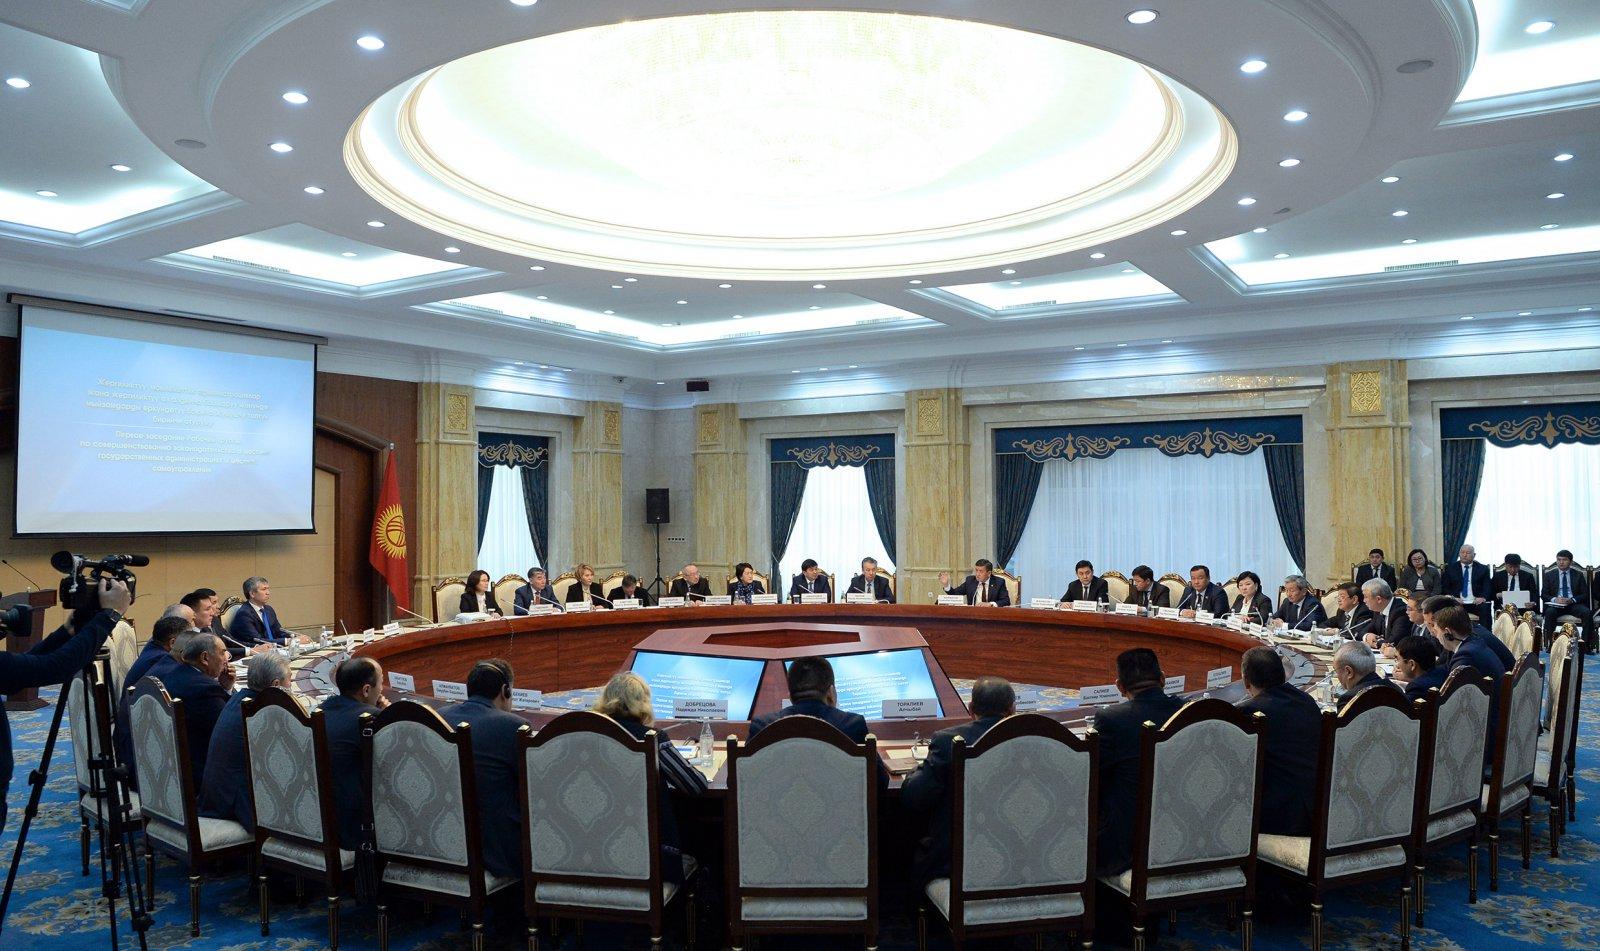 Министр юстиции Кыргызской Республики Уран Ахметов принял участие в первом совещании рабочей группы по совершенствованию законодательства о местных государственных администрациях и местном самоуправлении